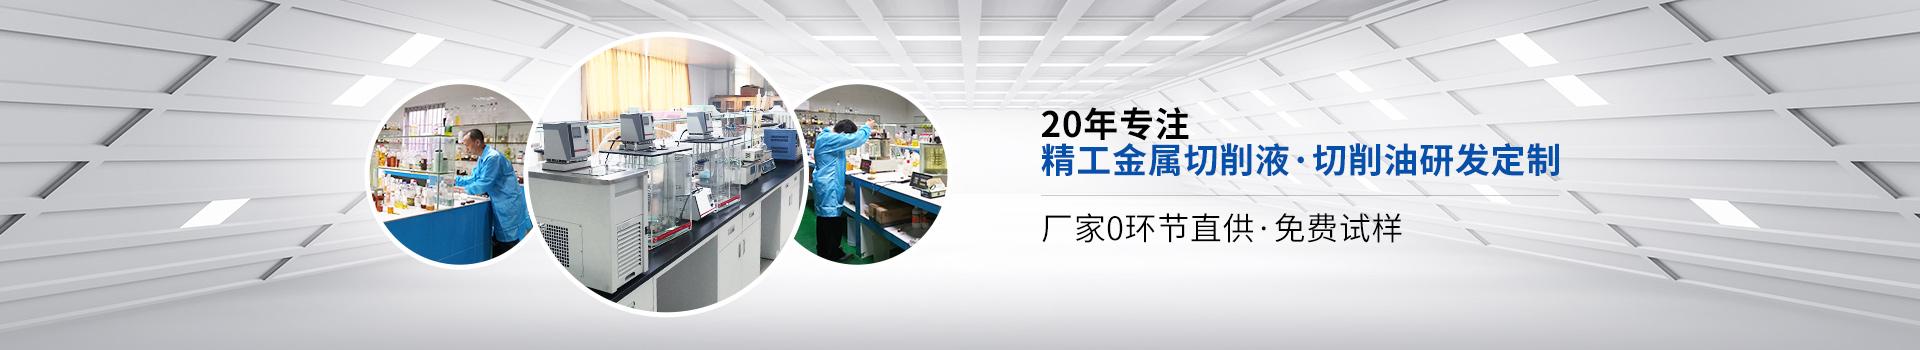 宇田科技-20年专注精工金属切削液,切削油研发定制